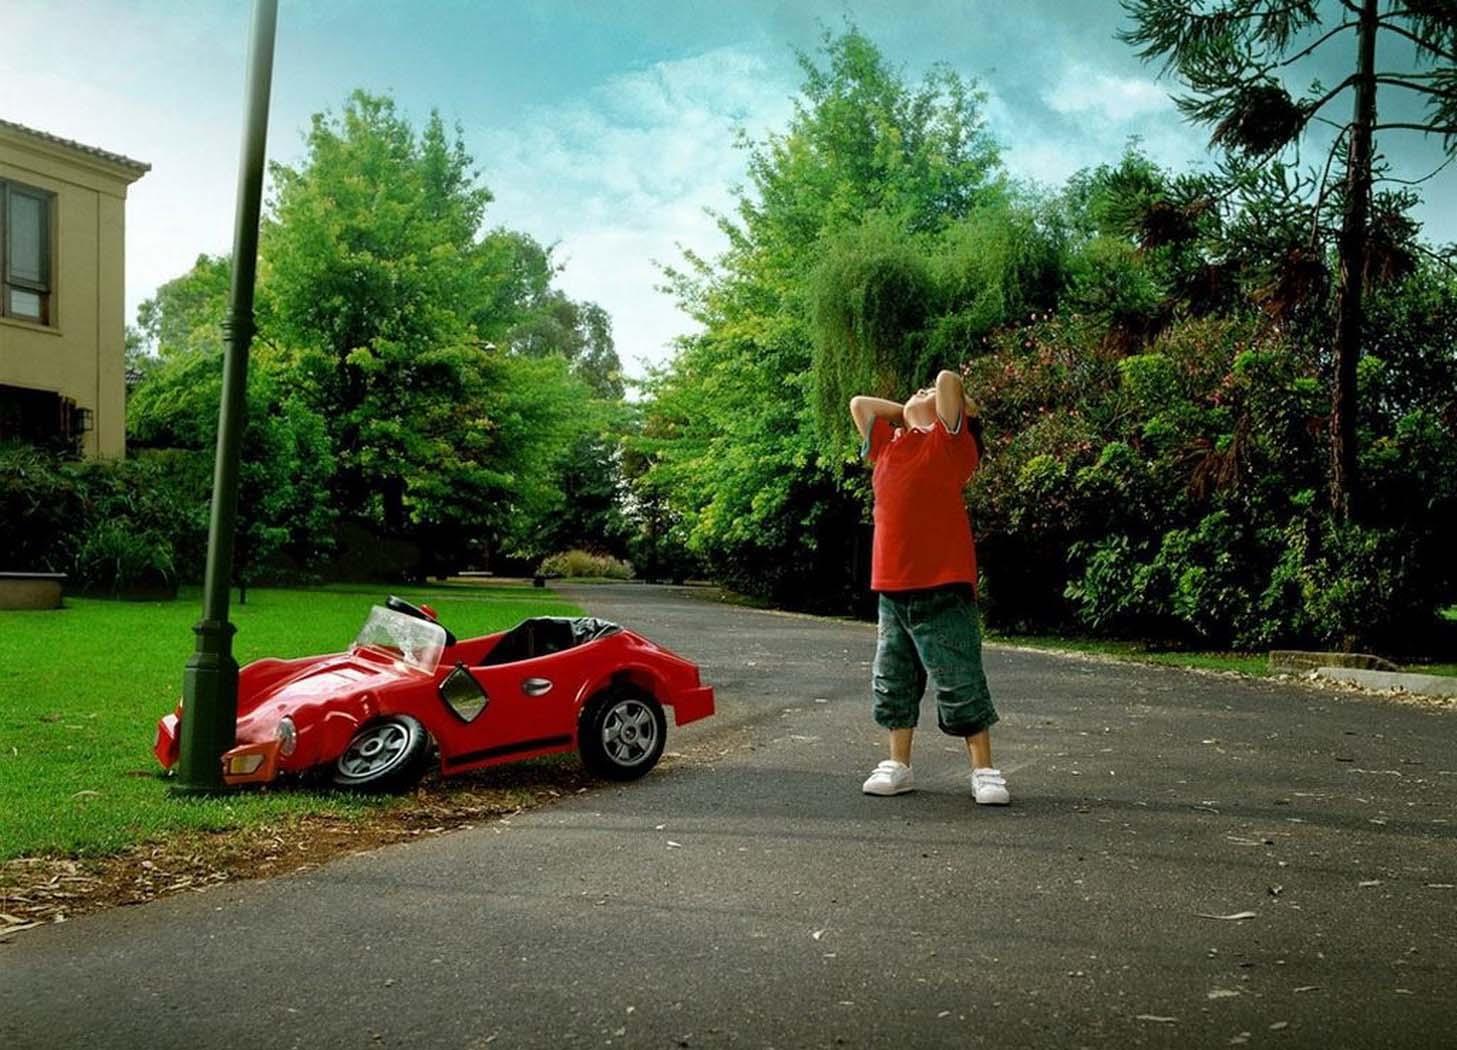 Как сделать прикольное фото с машиной